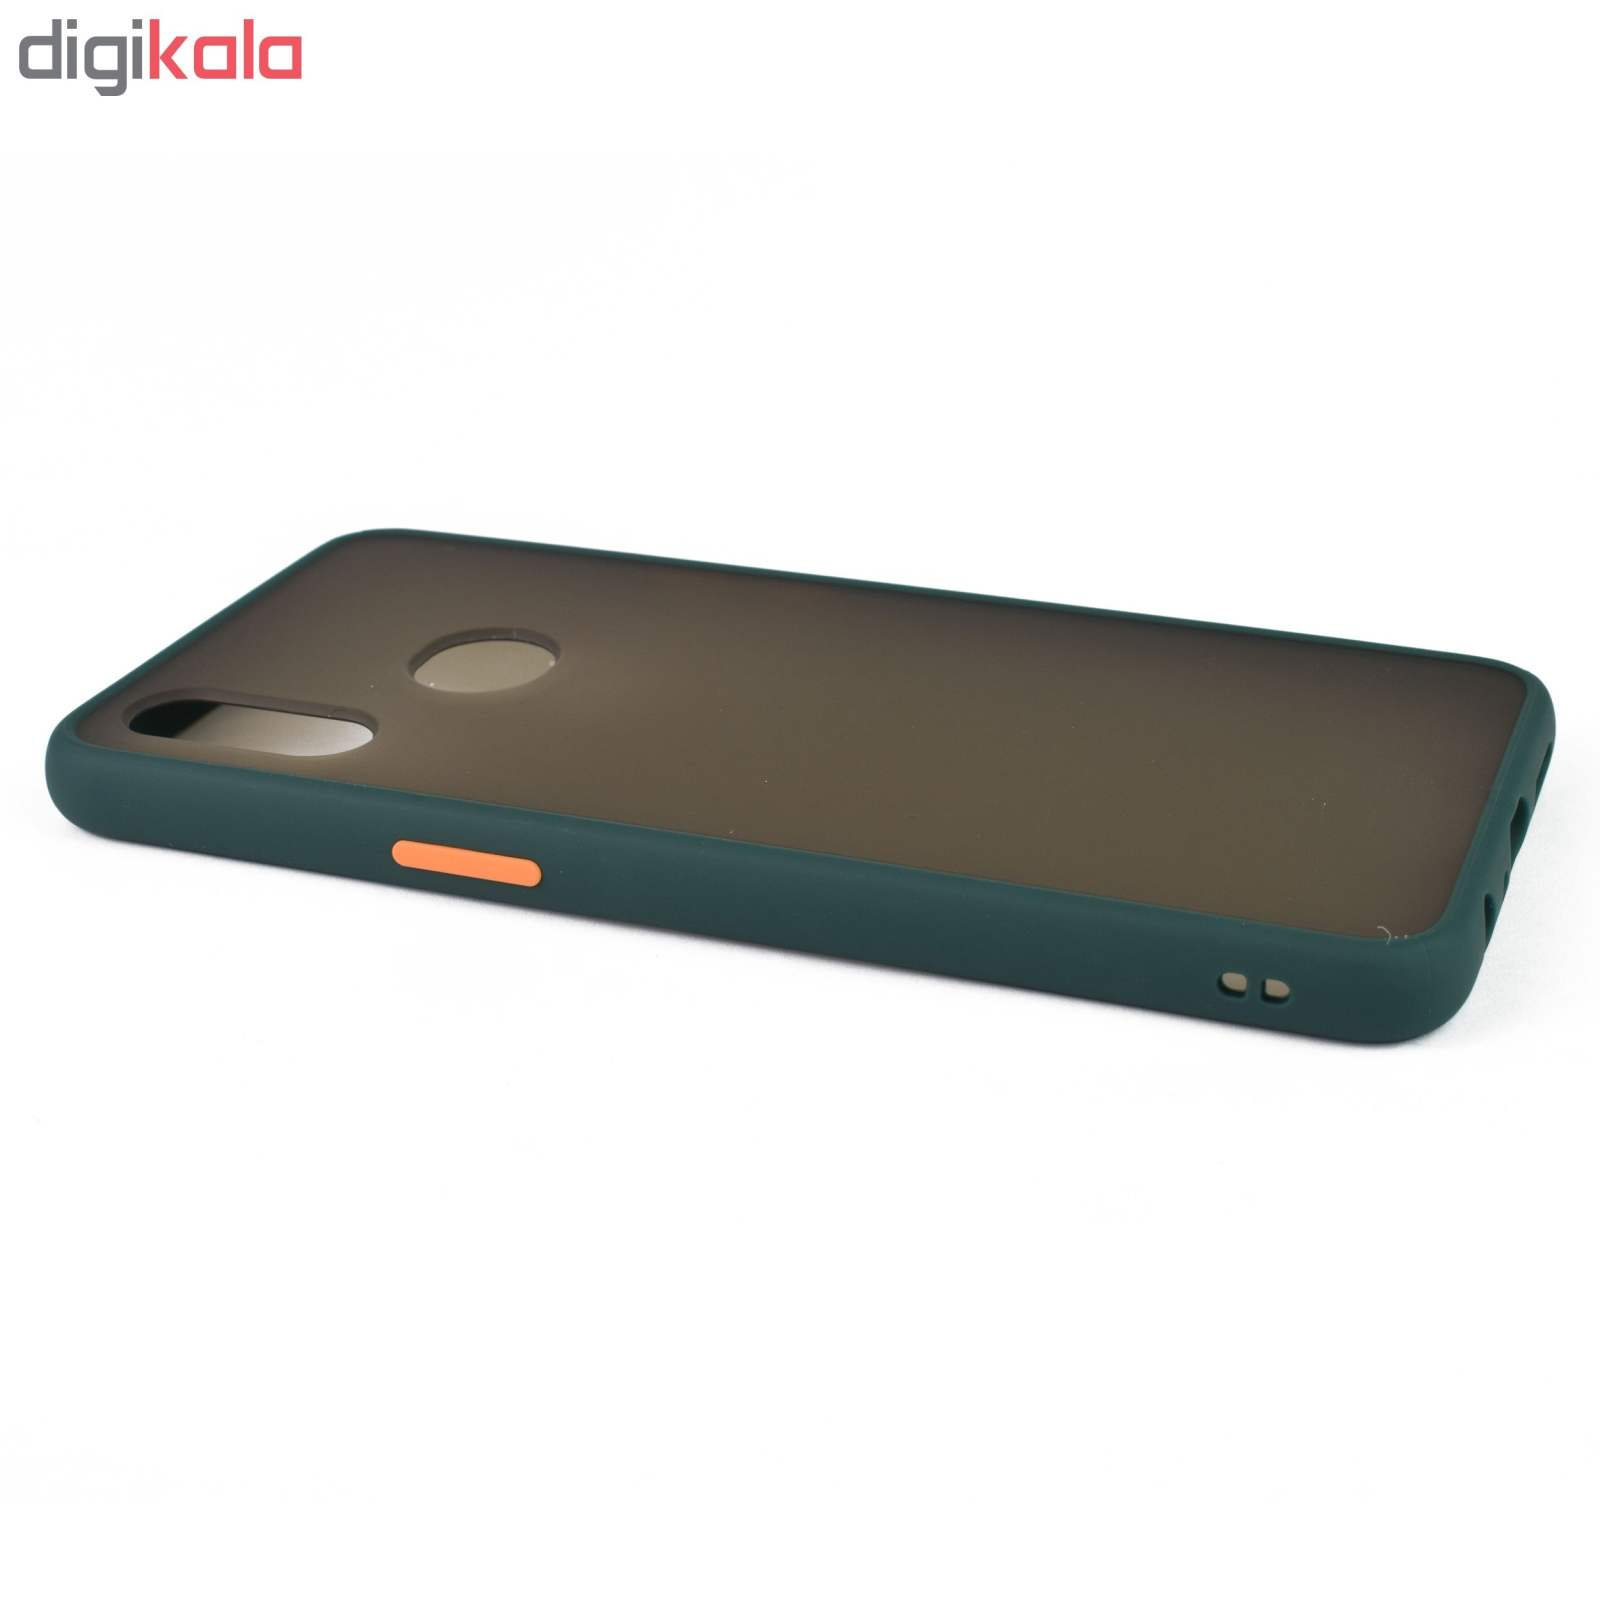 کاور مدل Slico01 مناسب برای گوشی موبایل سامسونگ Galaxy A10S main 1 5